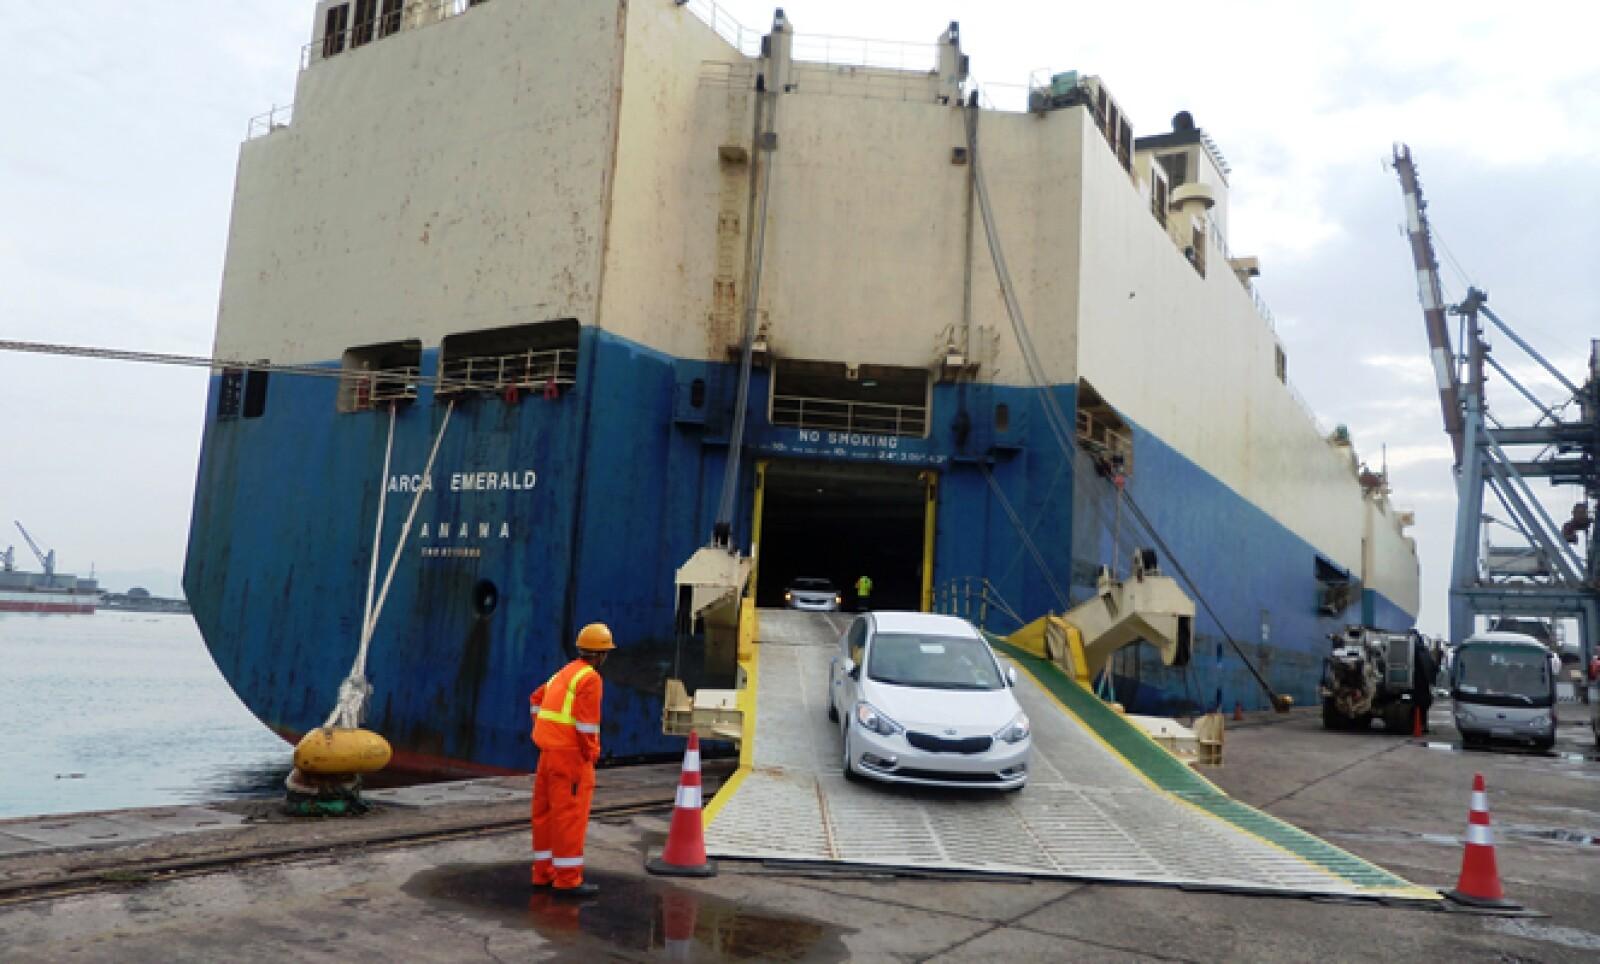 Los modelos Forte se suman a las unidades Sportage que llegaron la semana pasada al puerto de Veracruz procedentes de Eslovaquia.